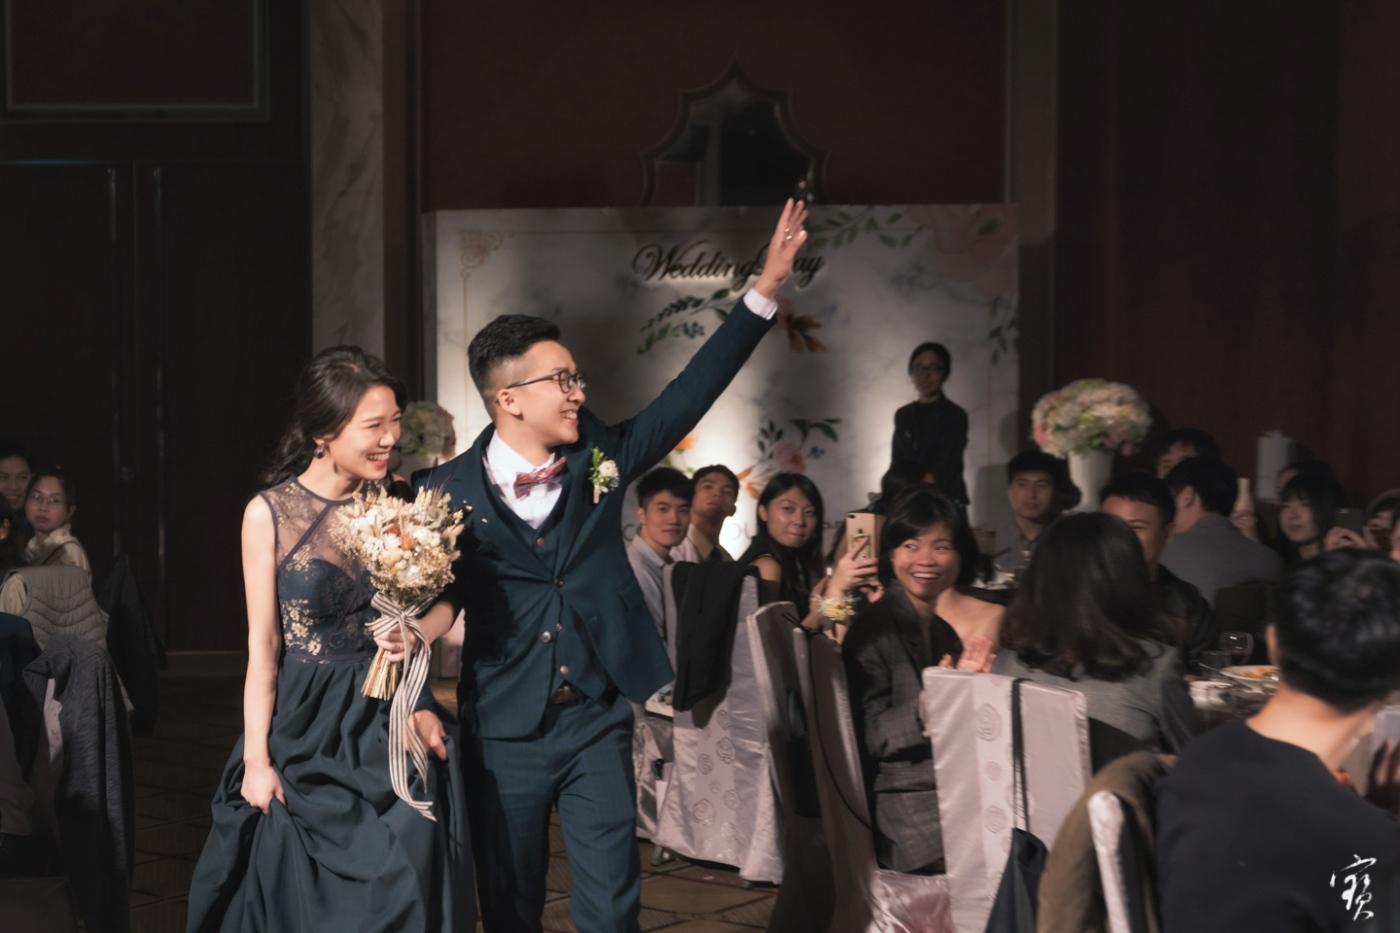 婚禮攝影 婚紗 大直 典華 冬半影像 攝影師大寶 北部攝影 台北攝影 桃園攝影 新竹攝影20181208-389